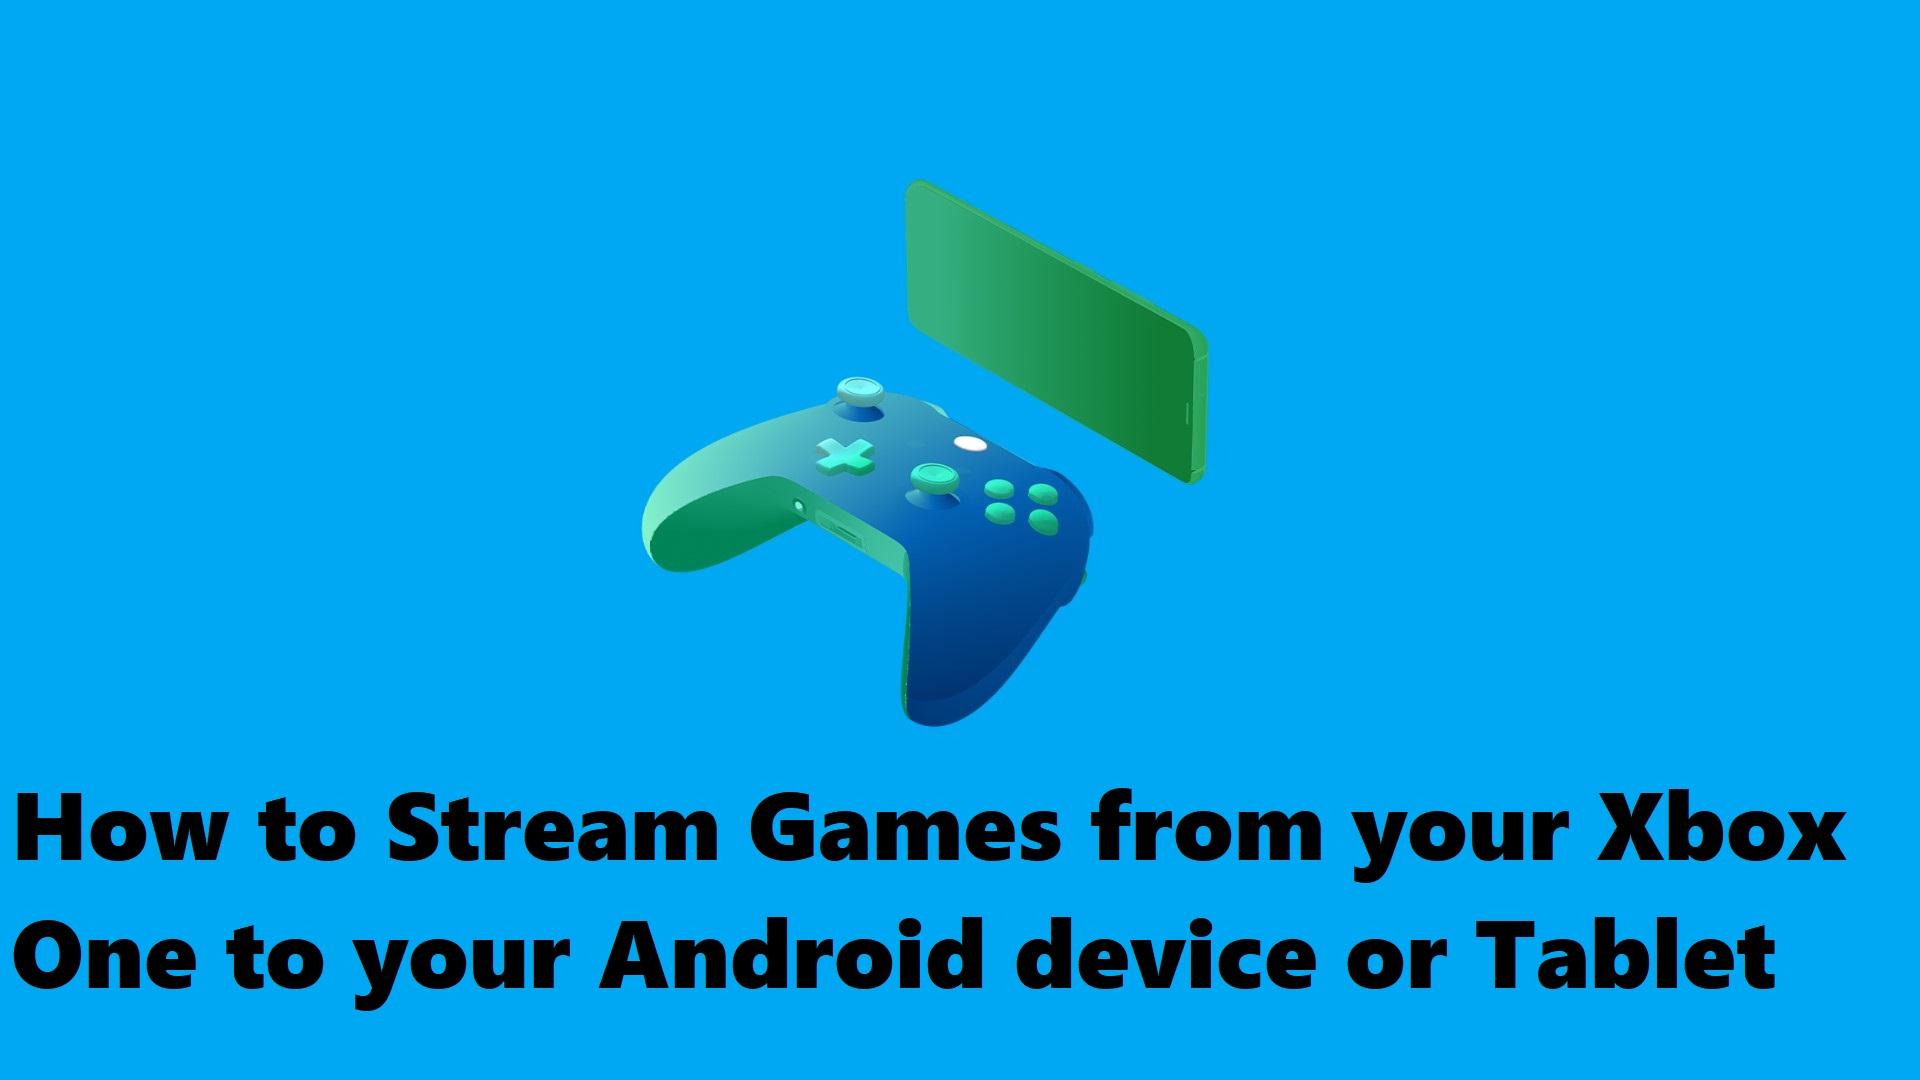 Cómo transmitir juegos desde tu Xbox one a tu dispositivo Android